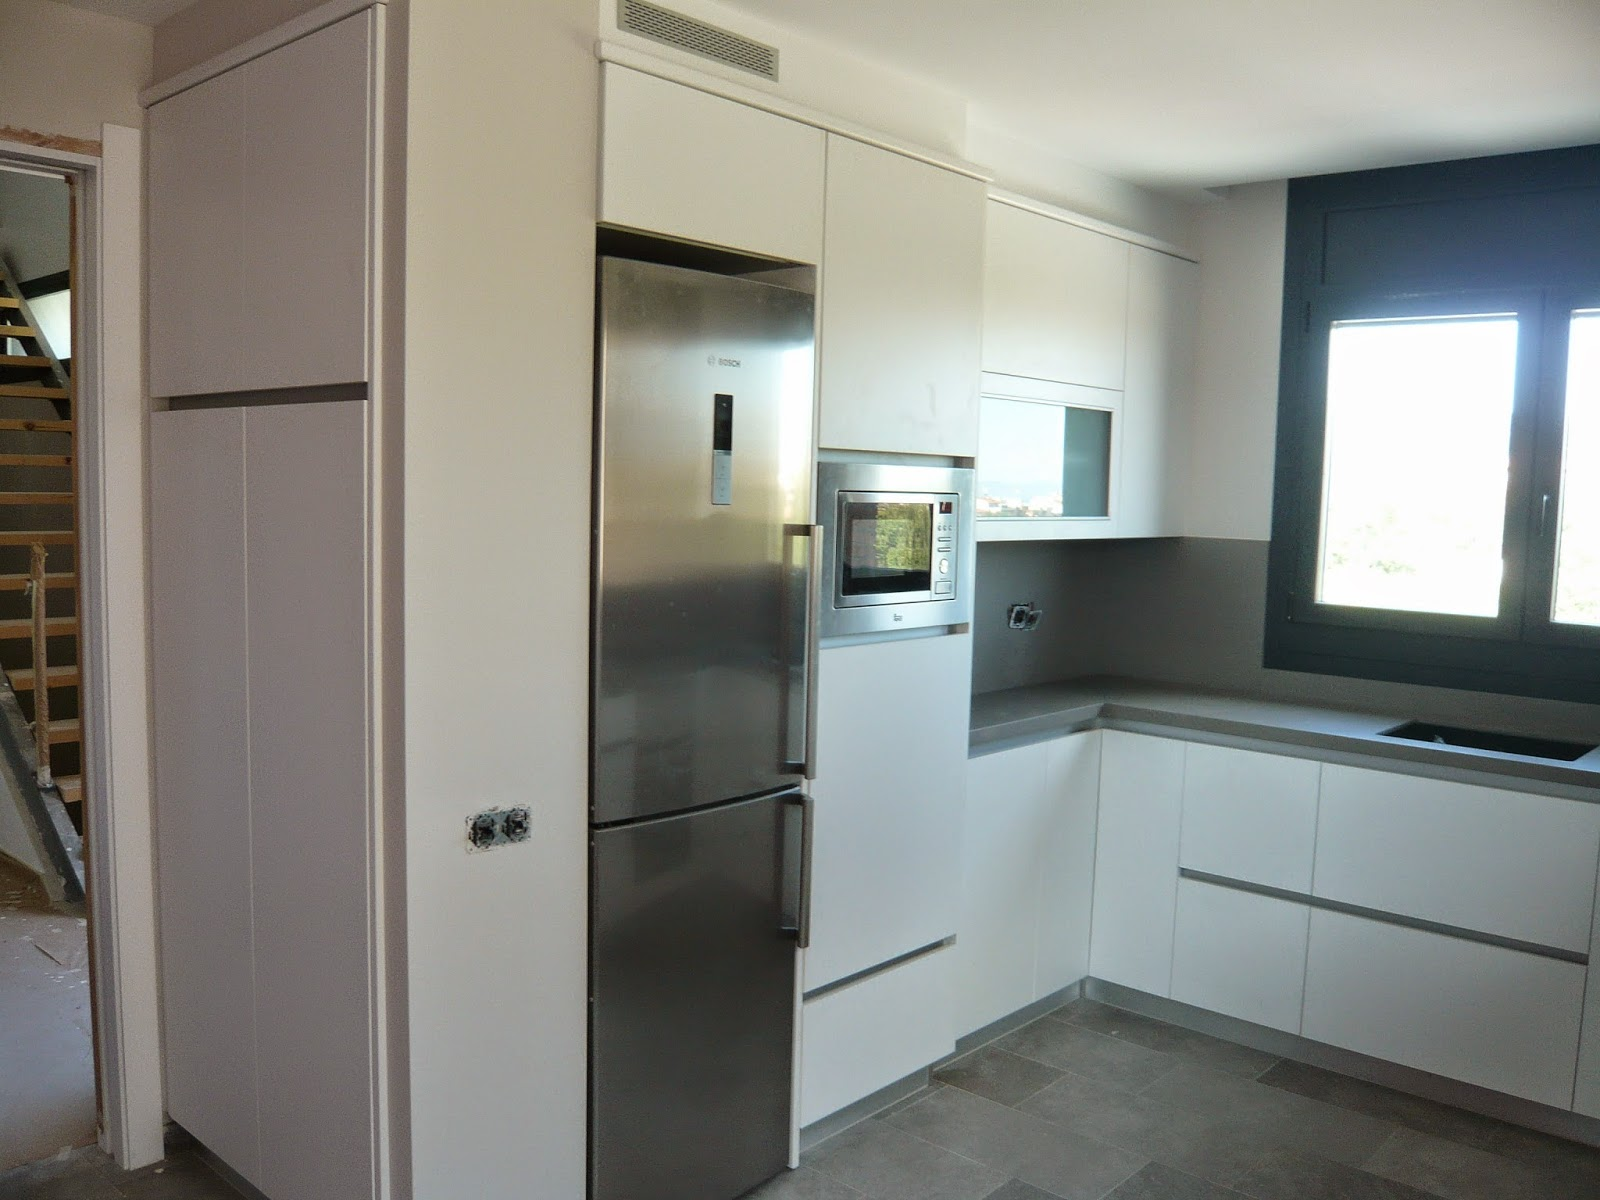 Reuscuina muebles de cocina formica blanca sin tiradores - Tiradores y pomos para muebles ...